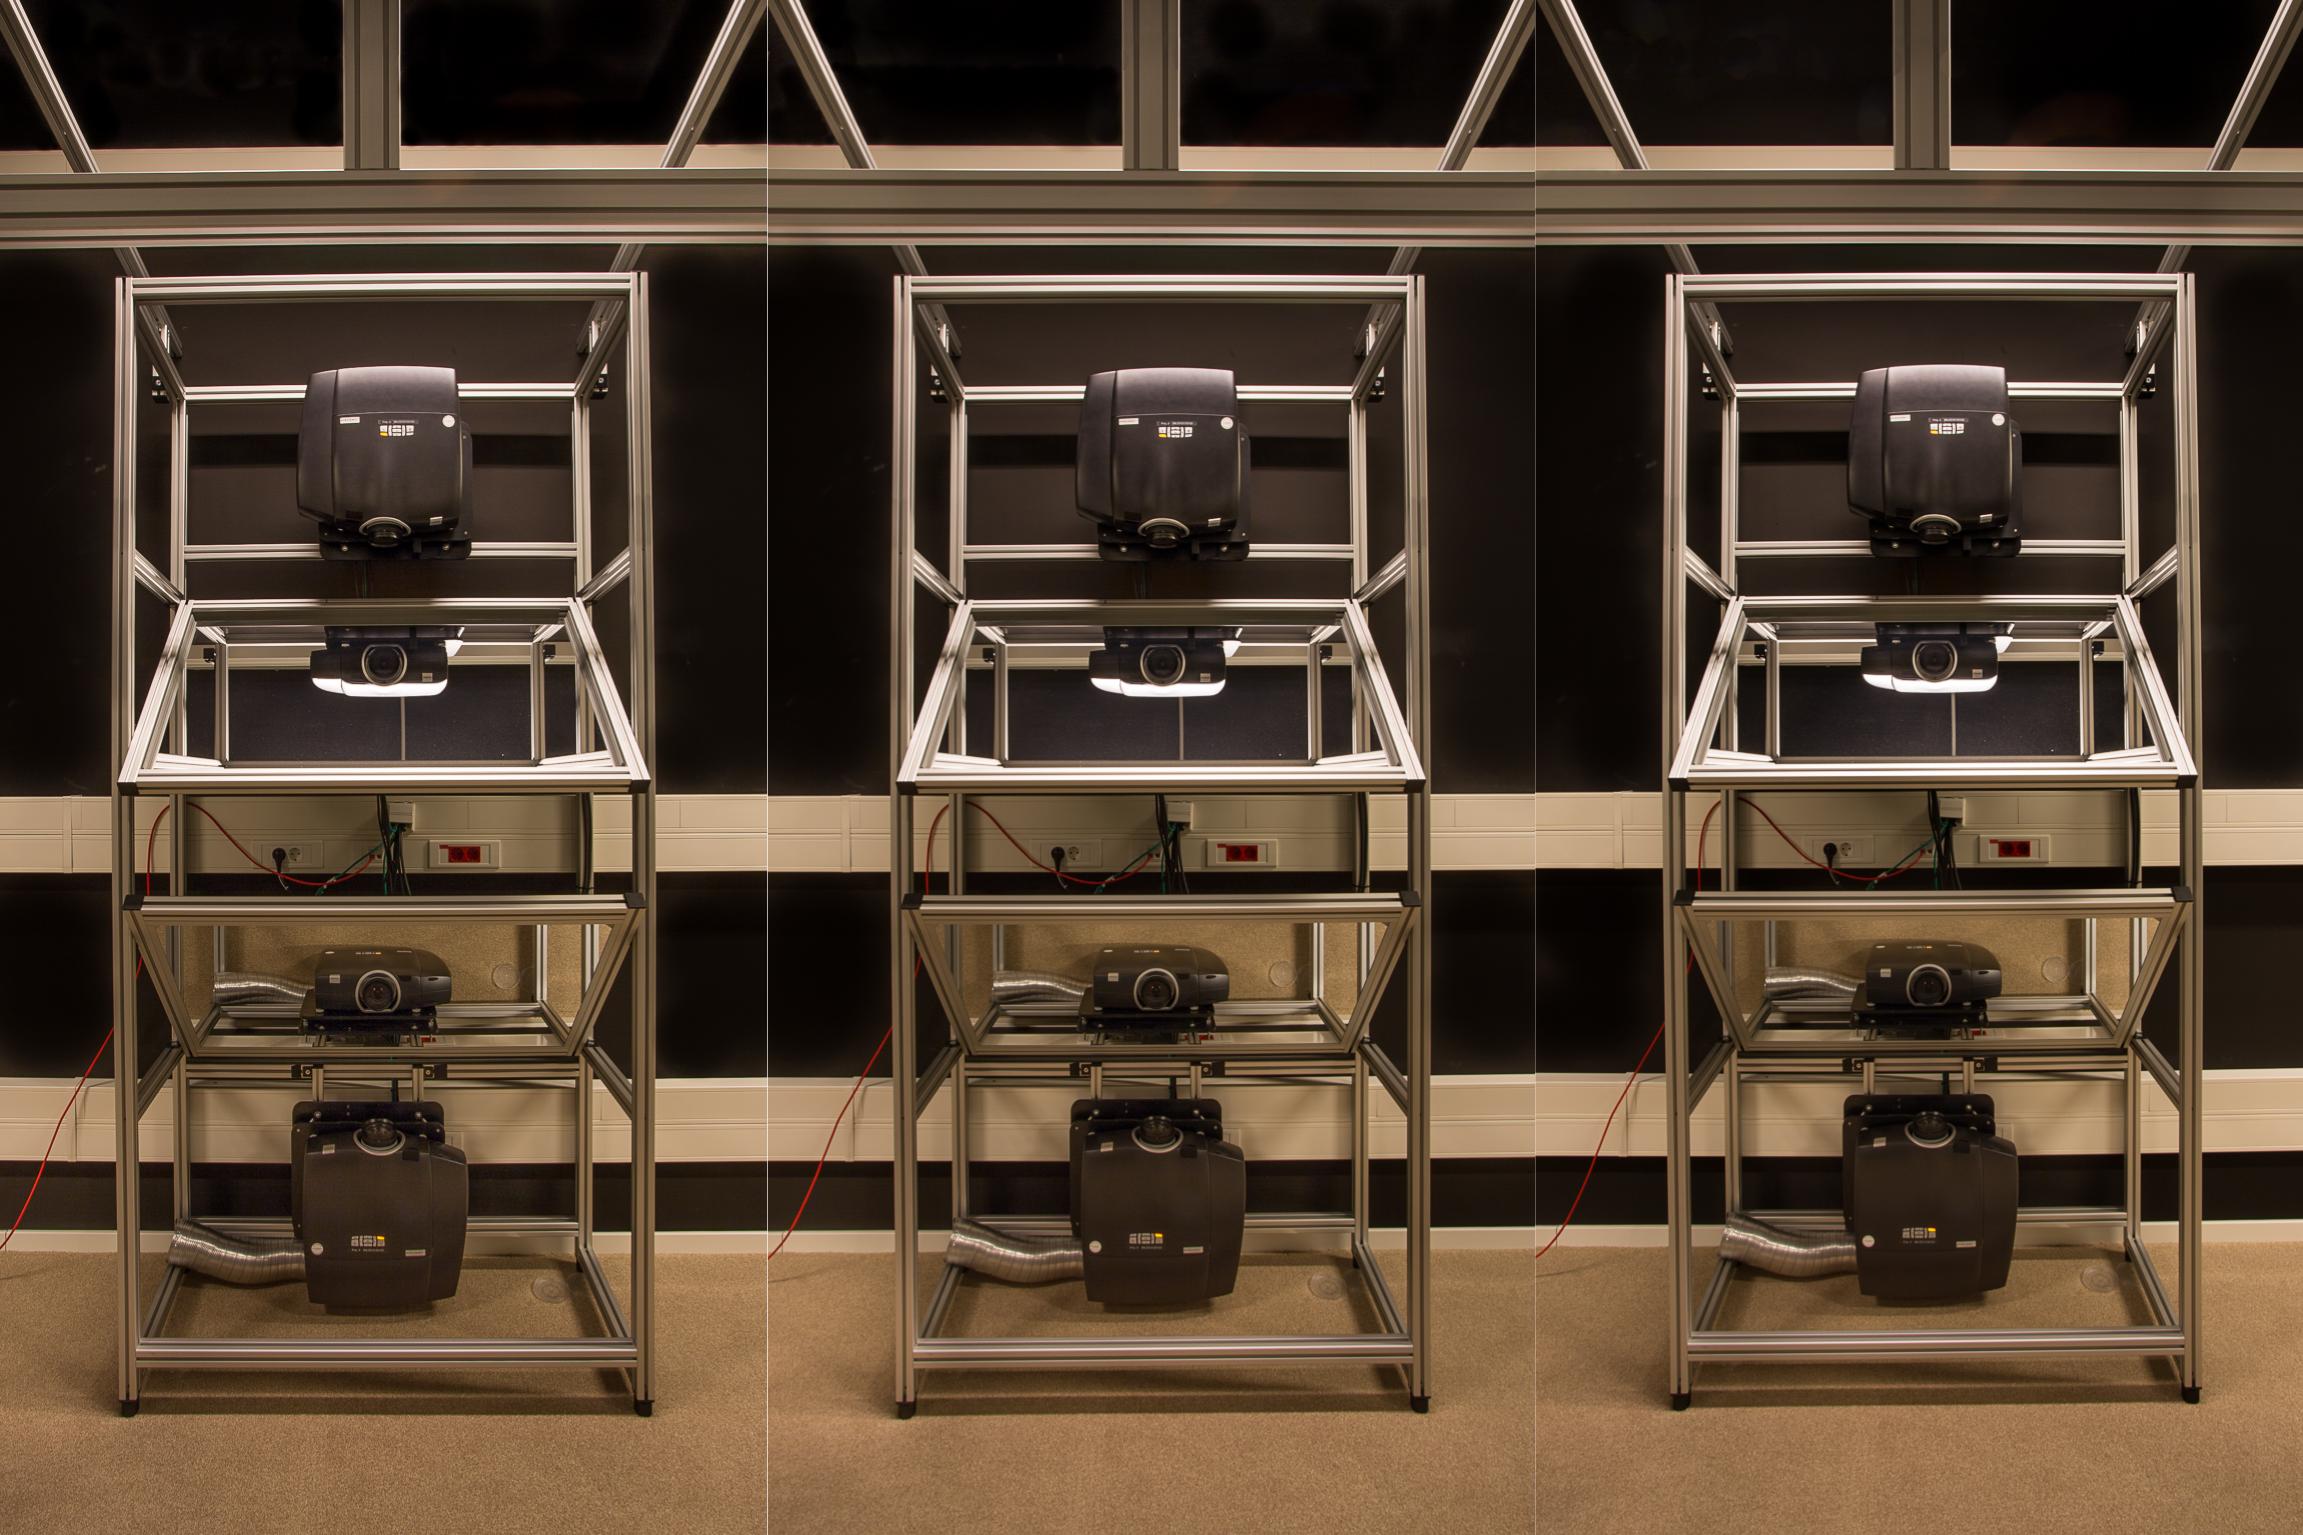 Max Planck VR Projectors x 3